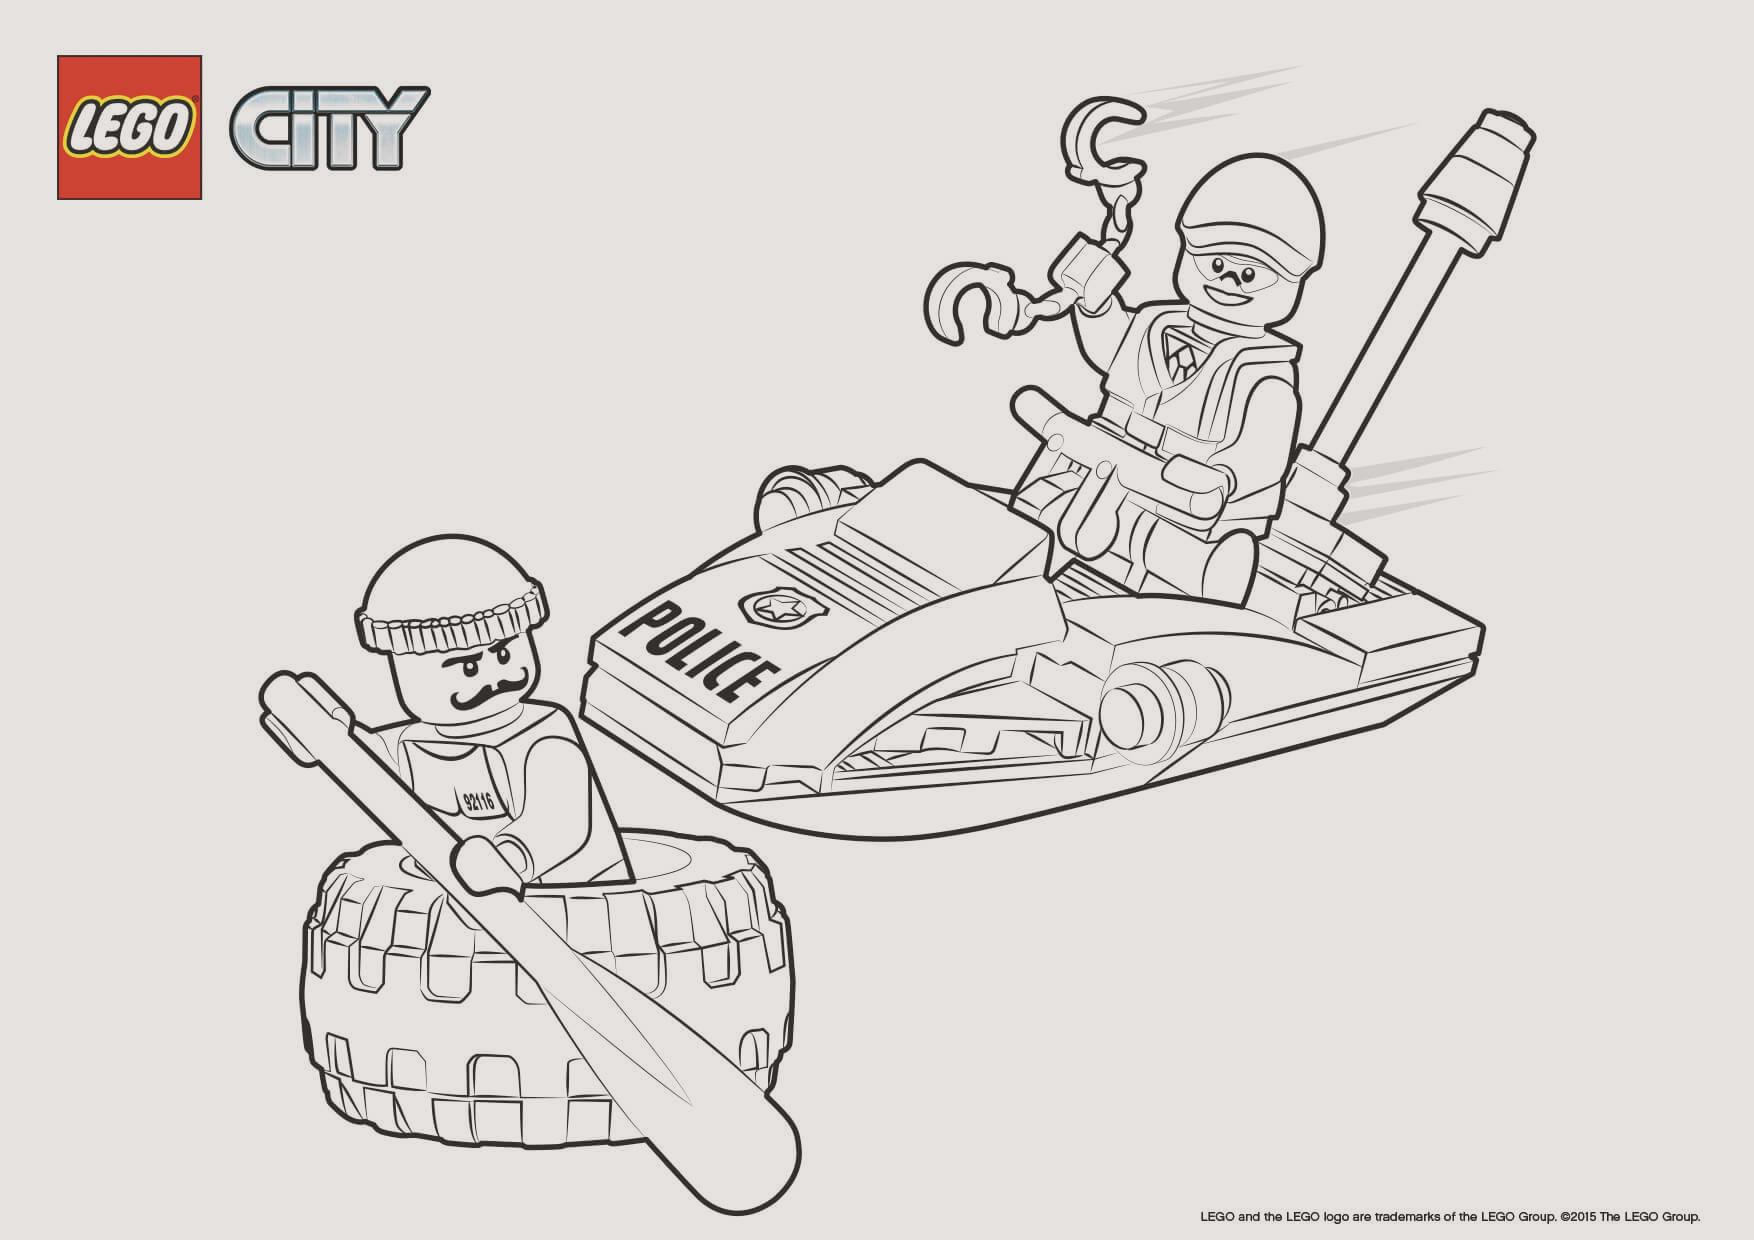 Ausmalbilder Lego City Frisch 30 Best Lego City Ausmalbilder Ausdrucken Bilder